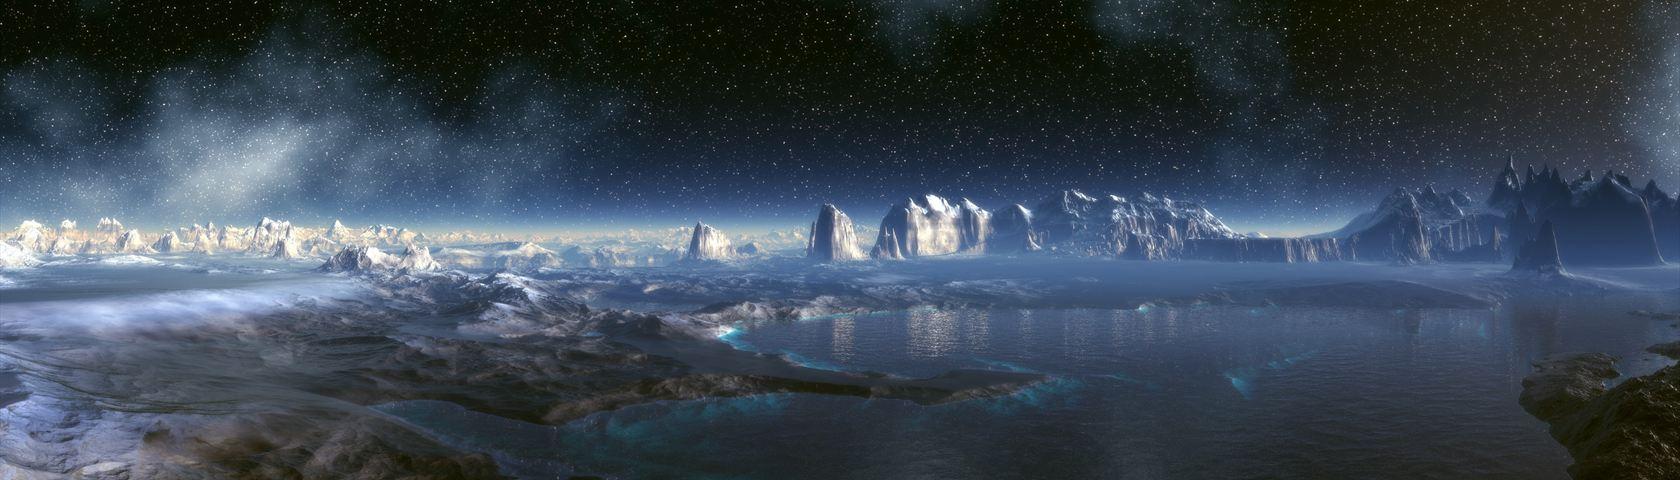 Frozen Terrain